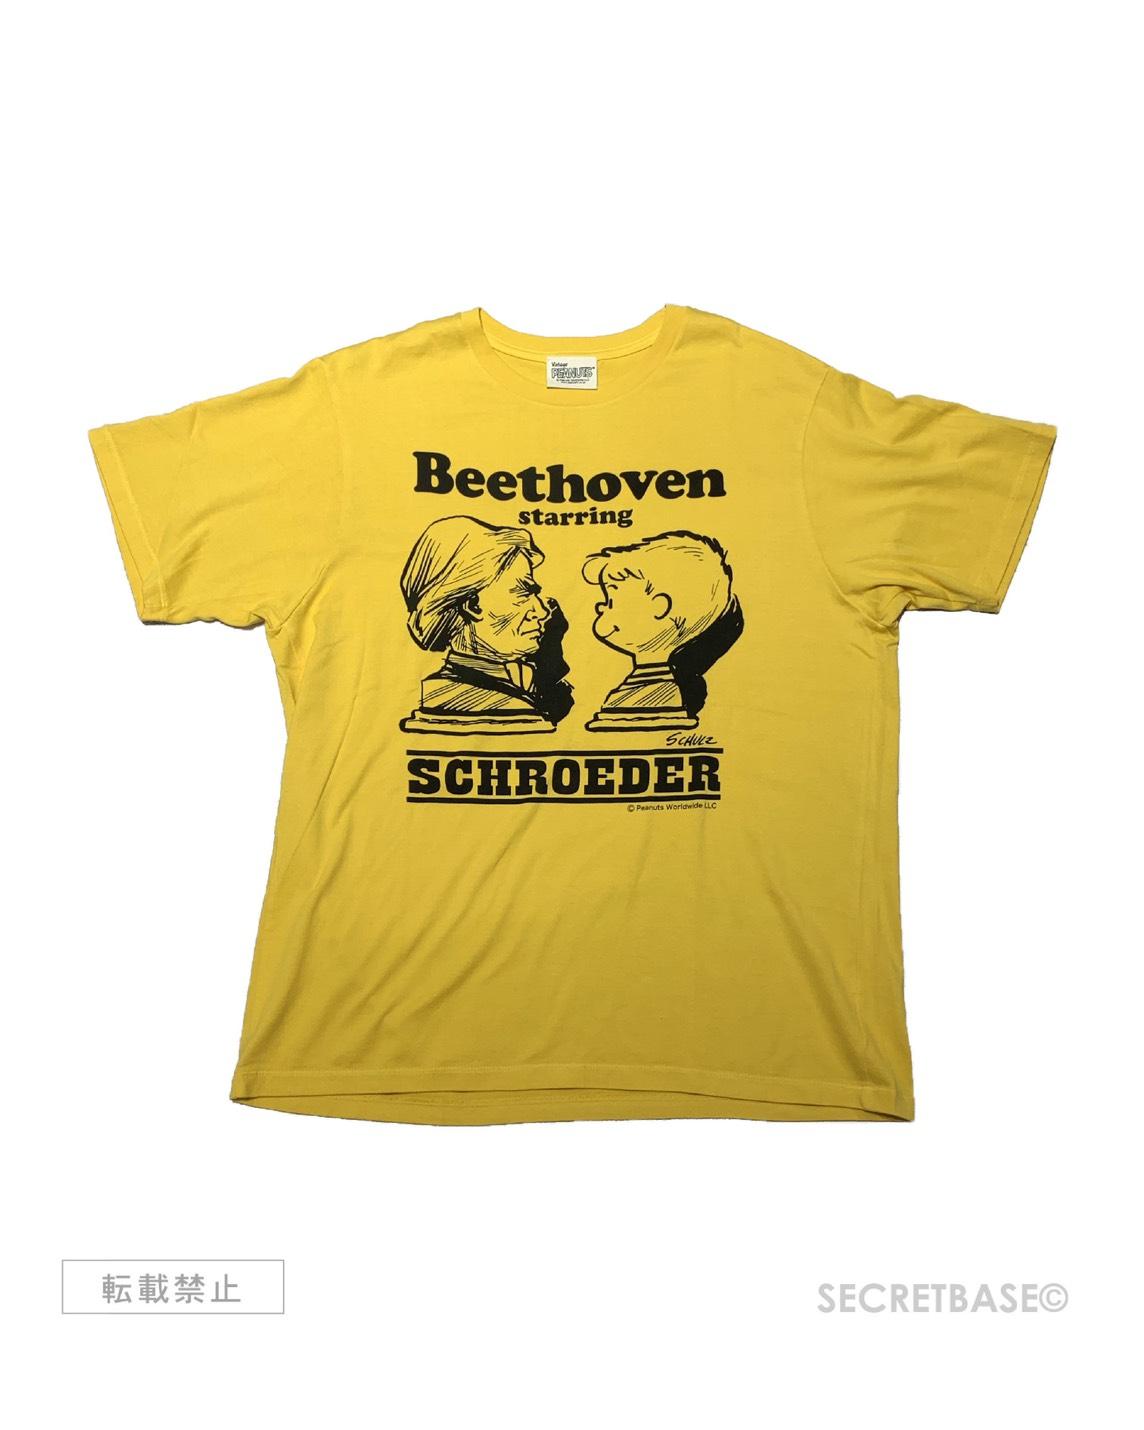 """画像1: PEANUTS別注 """"SCHROEDER starring BEETHOVEN"""" T-SHIRTS 2019 Ver. YELLOW (1)"""